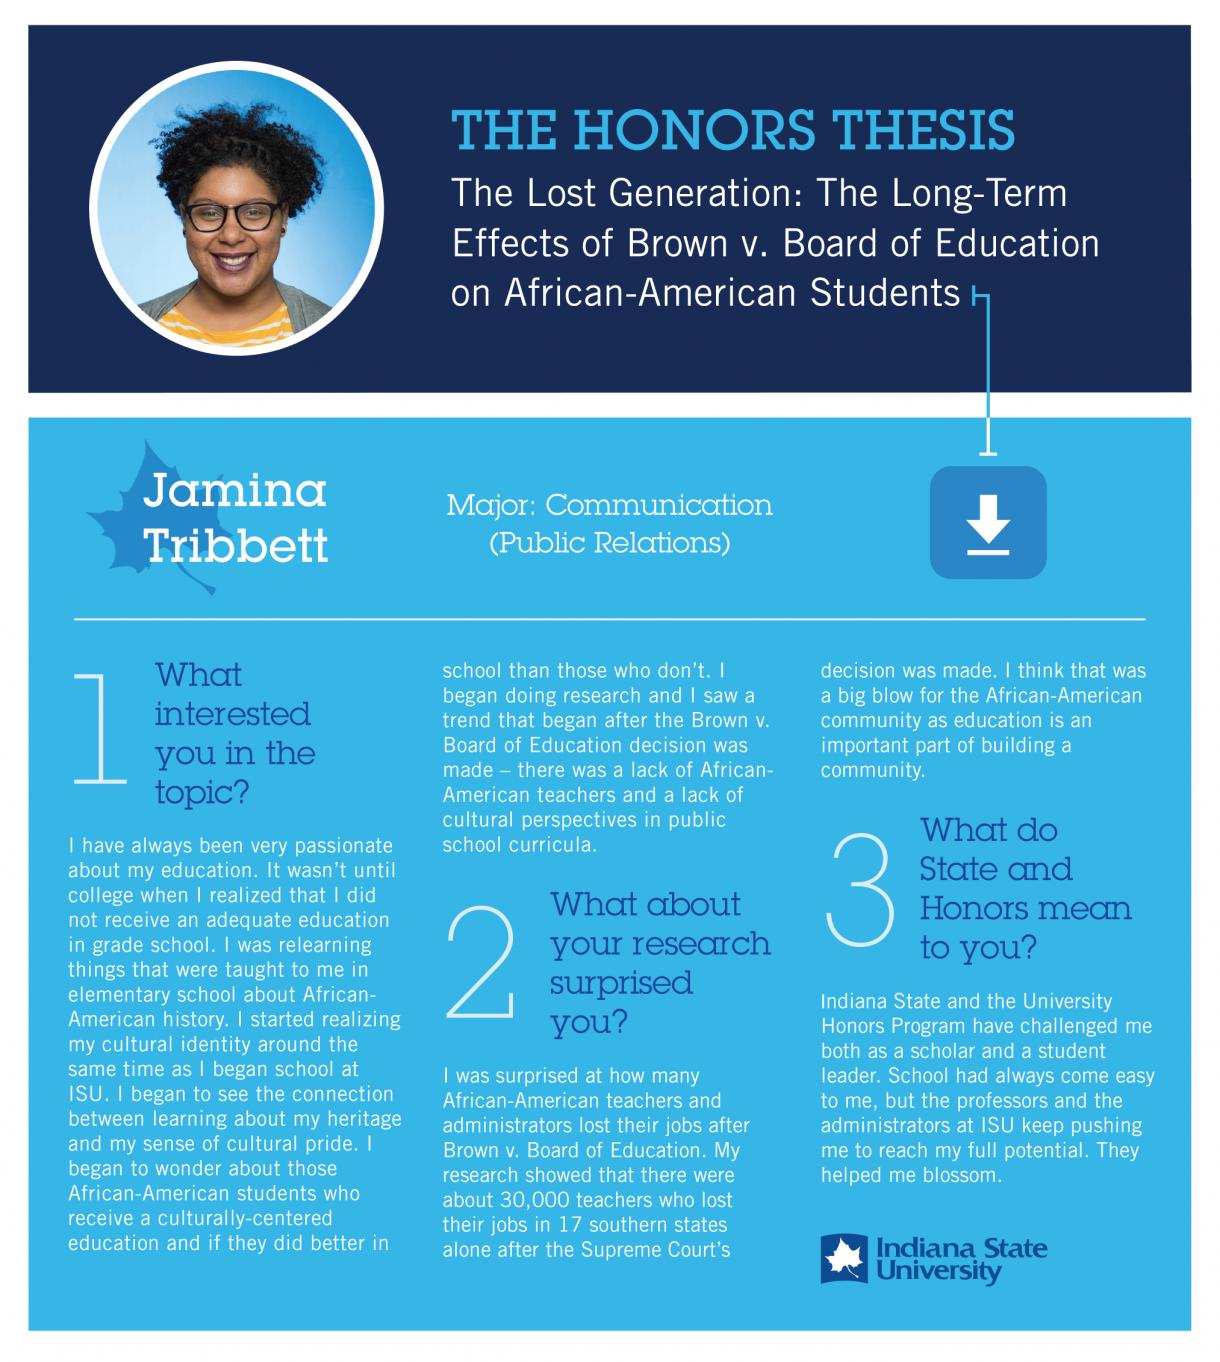 Honors Thesis: Jamina Tribbett